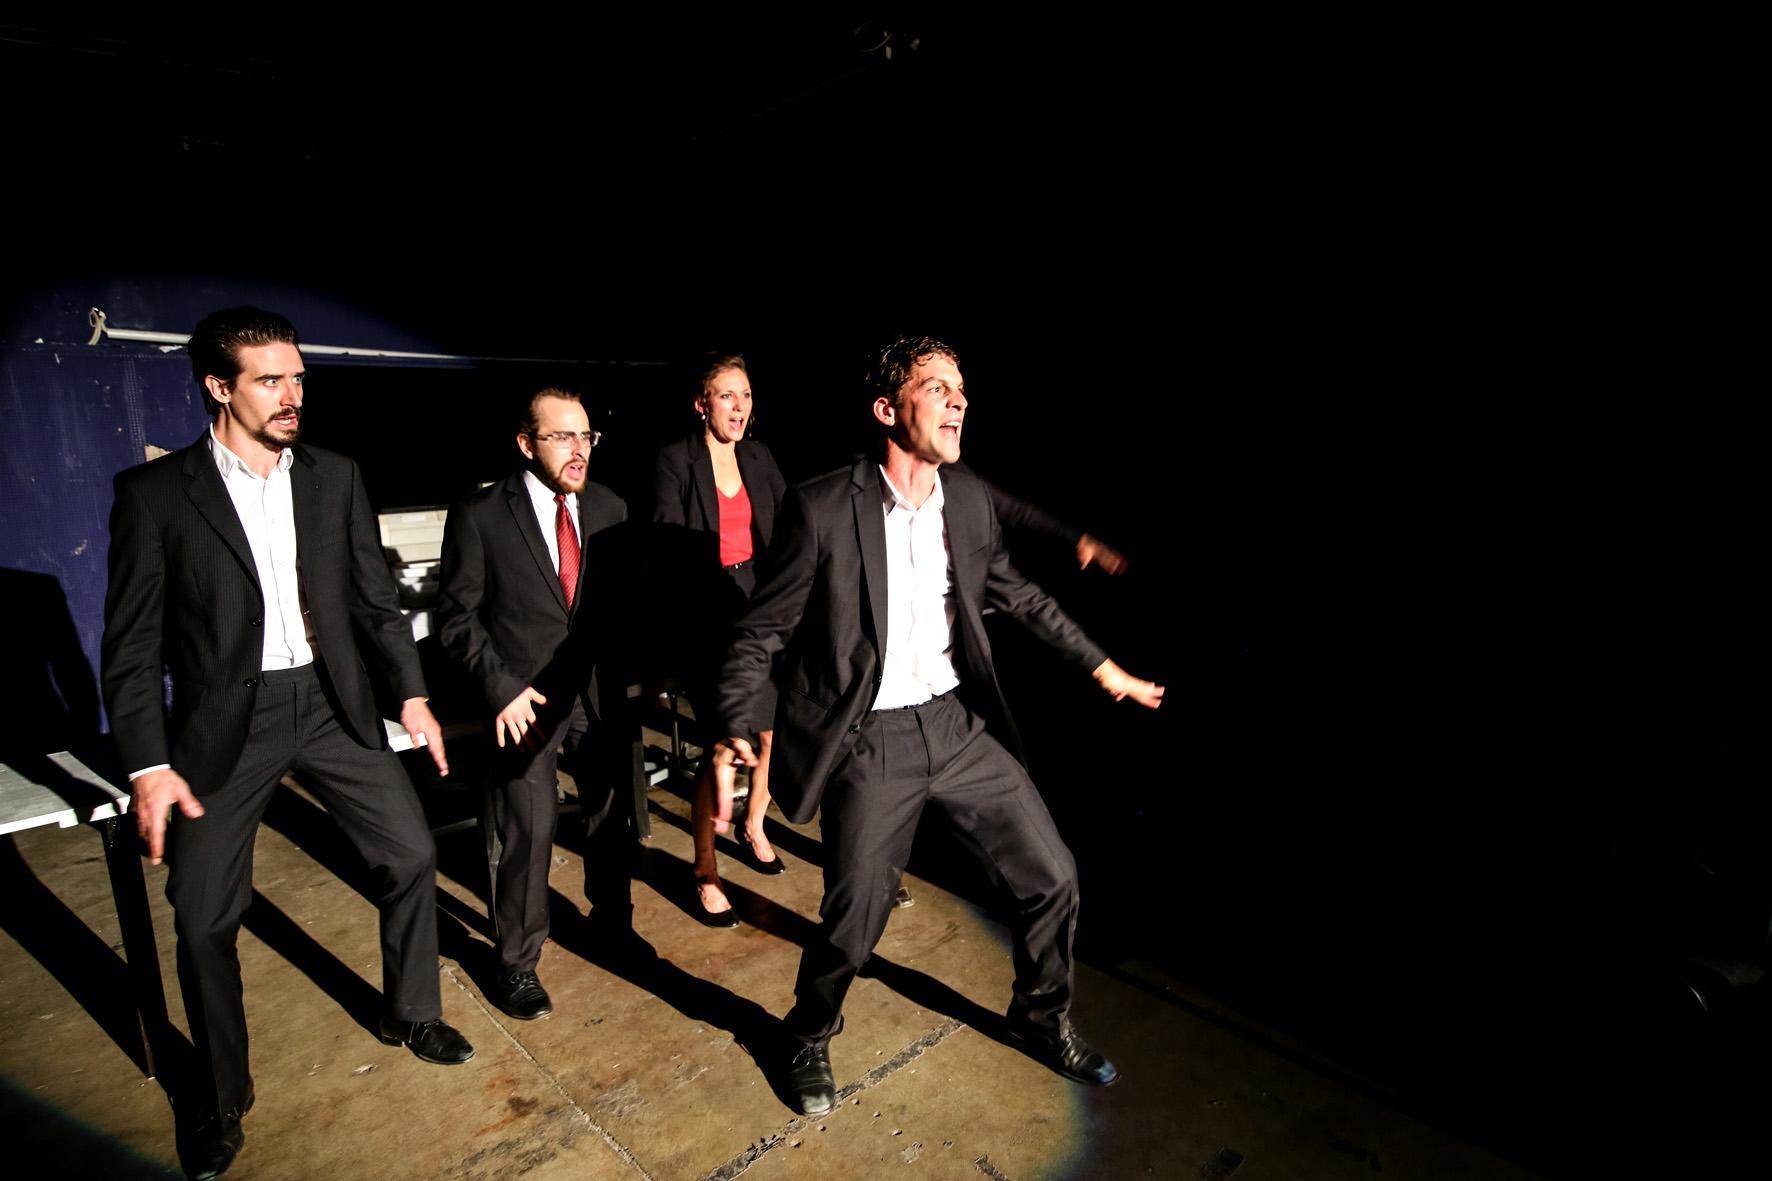 Ensembleszene mit Martin Bretschneider (vorne) als Caligula. ©Foto: Theater Rottstr. 5